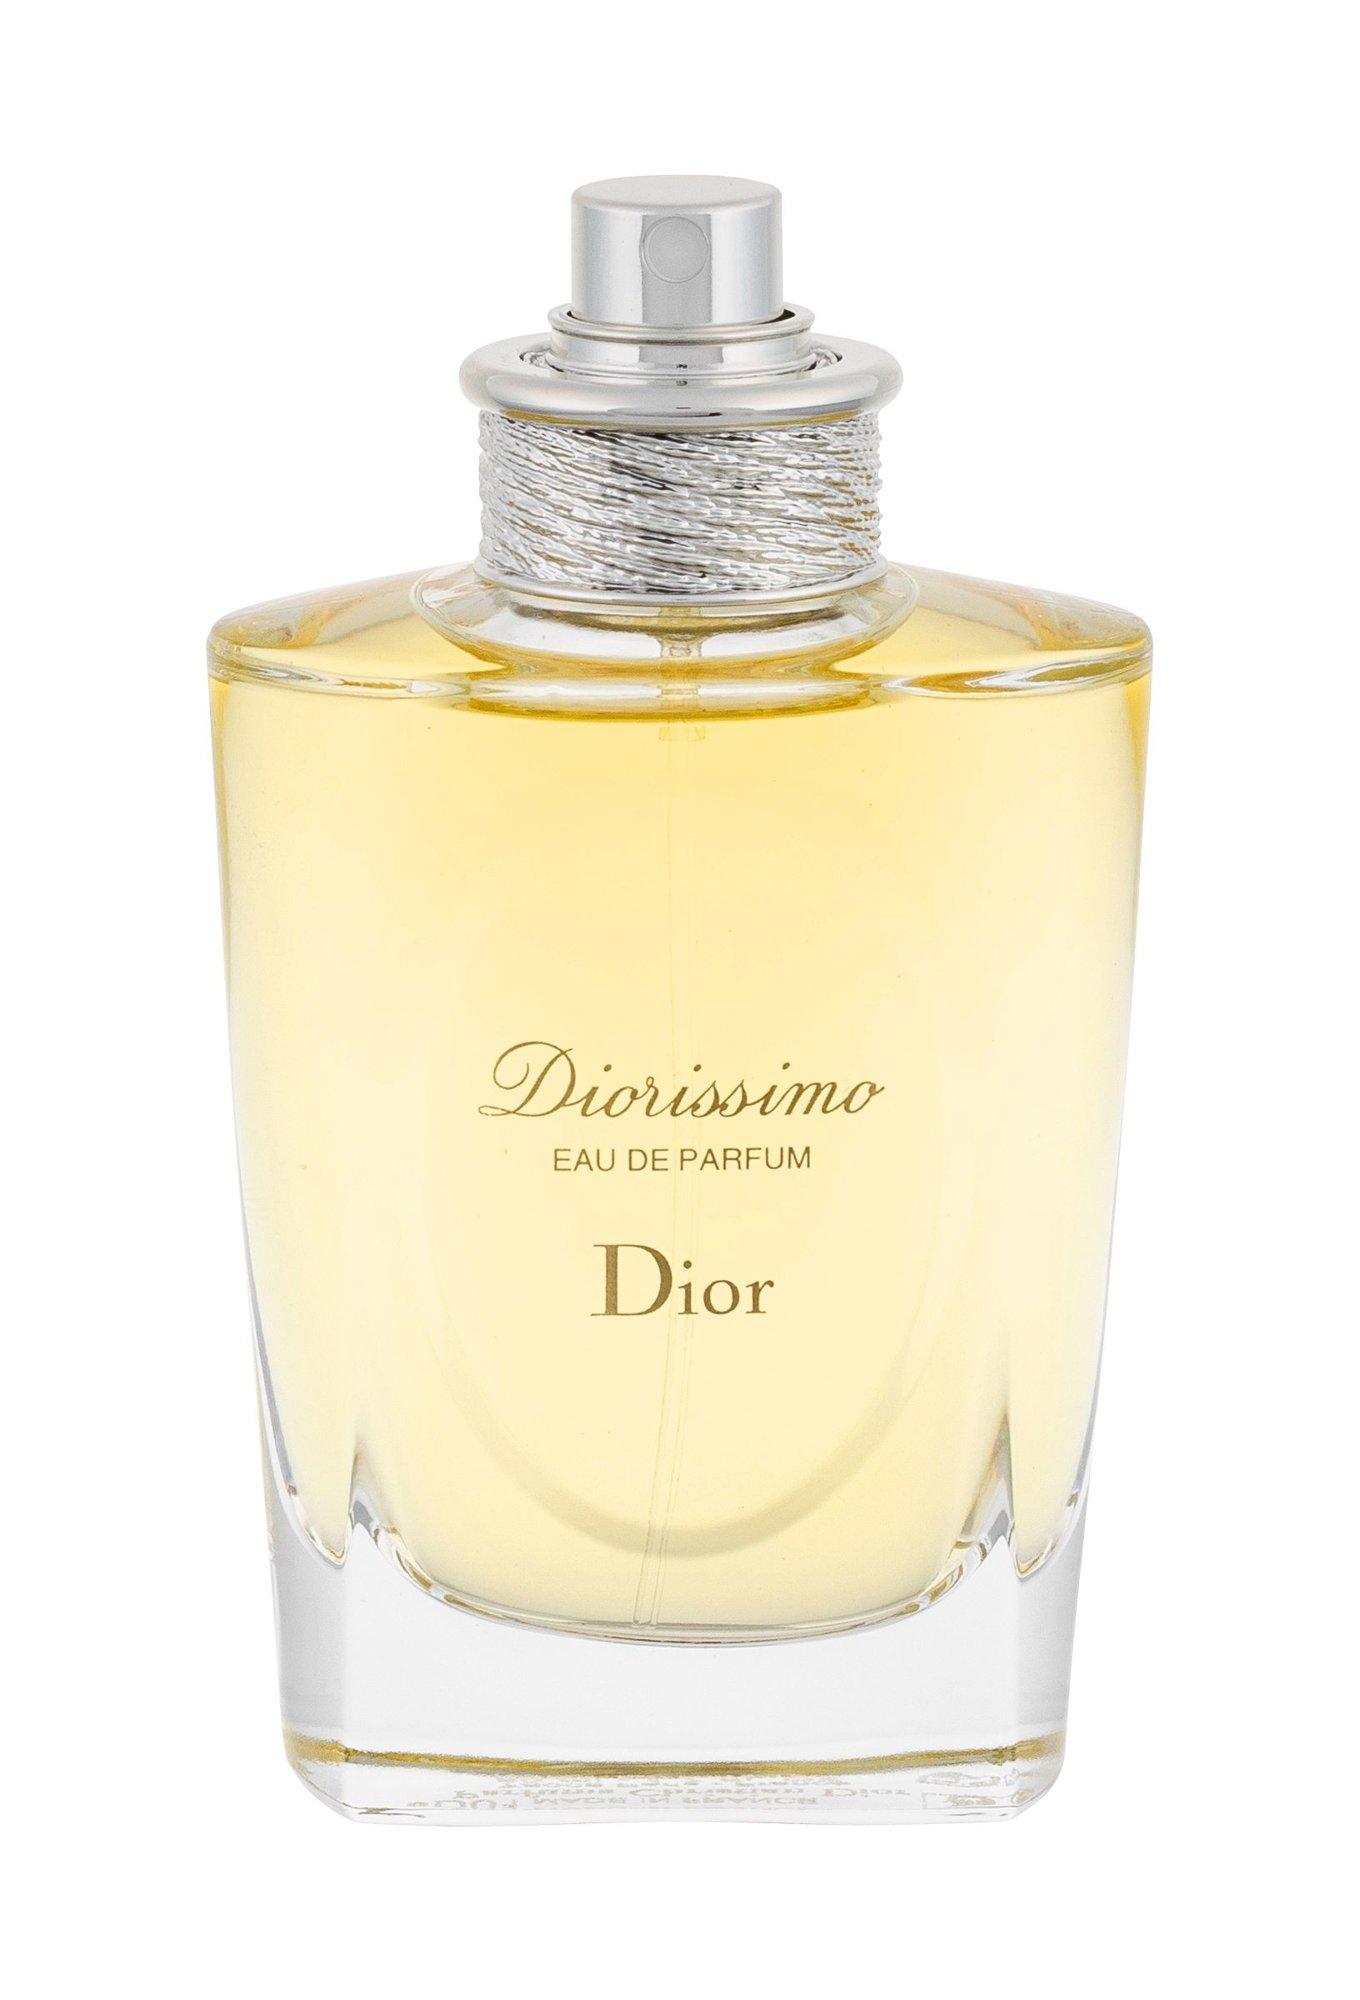 Christian Dior Les Creations de Monsieur Dior Eau de Parfum 50ml